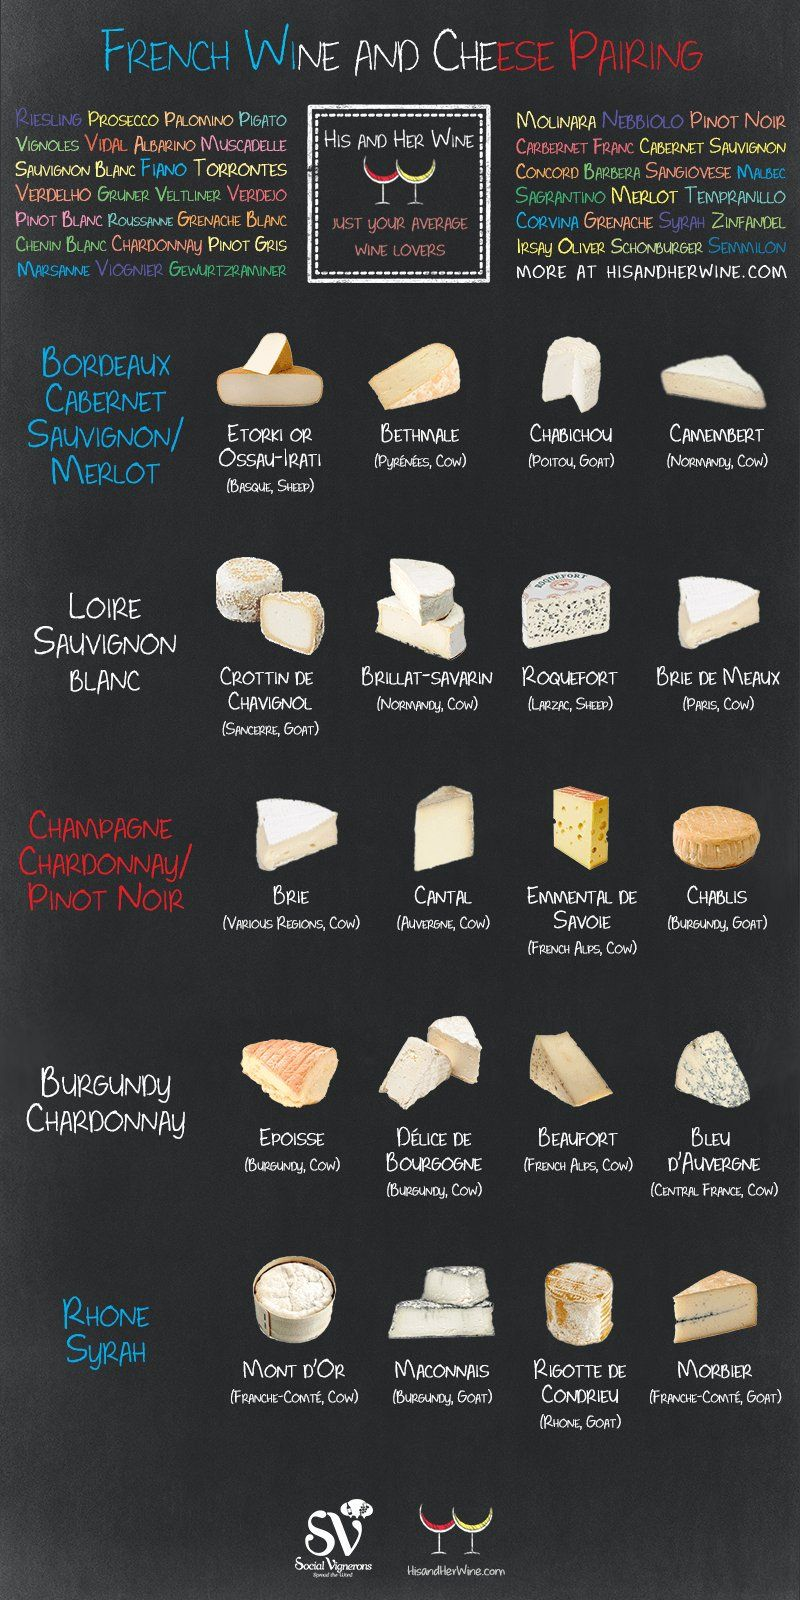 French Wine & Cheese Pairing